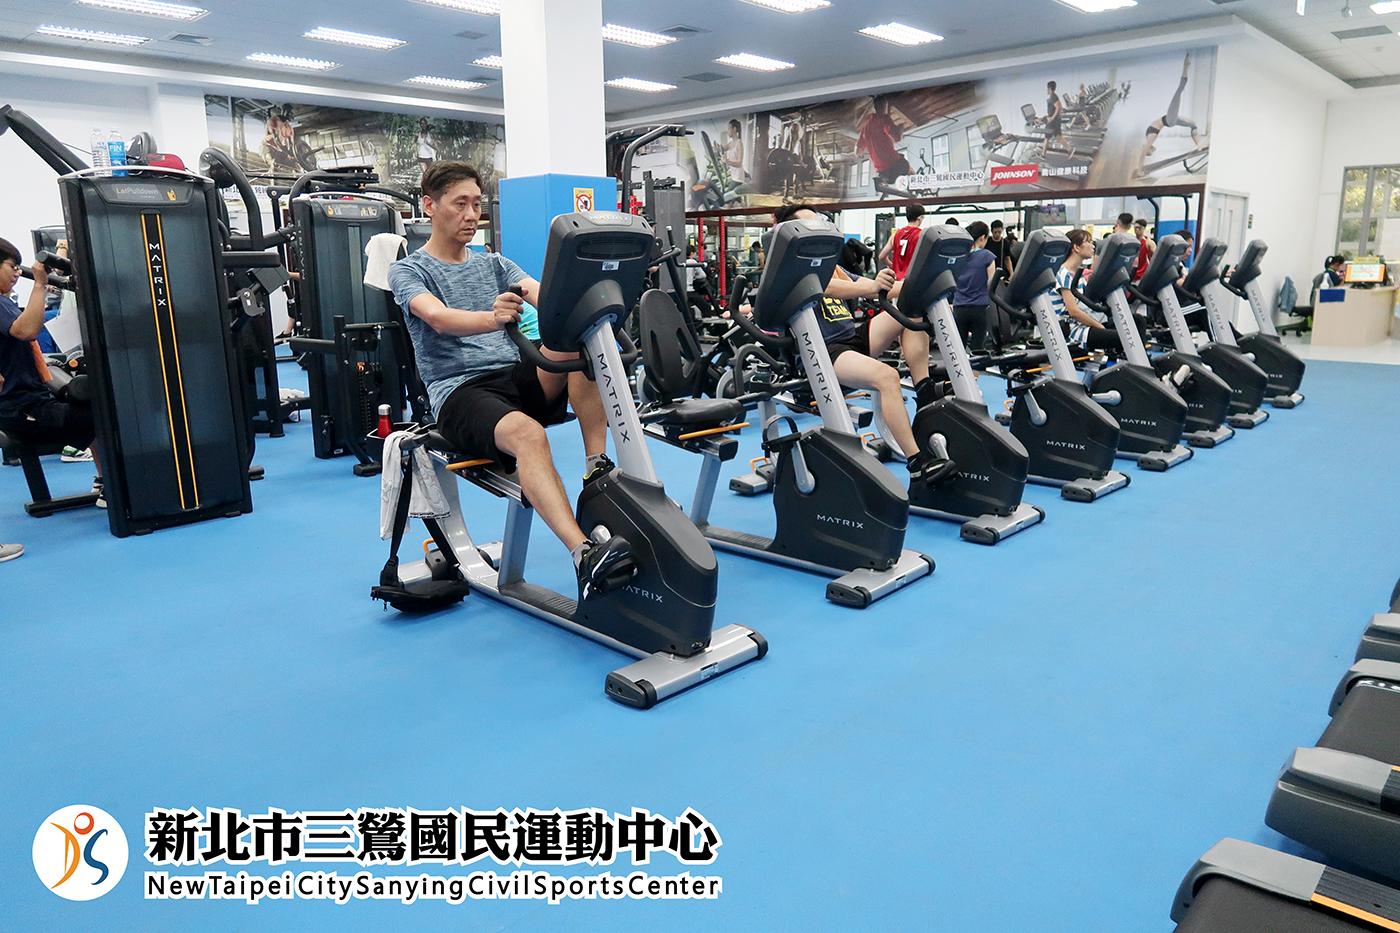 體適能中心民眾使用腳踏機(jpg)